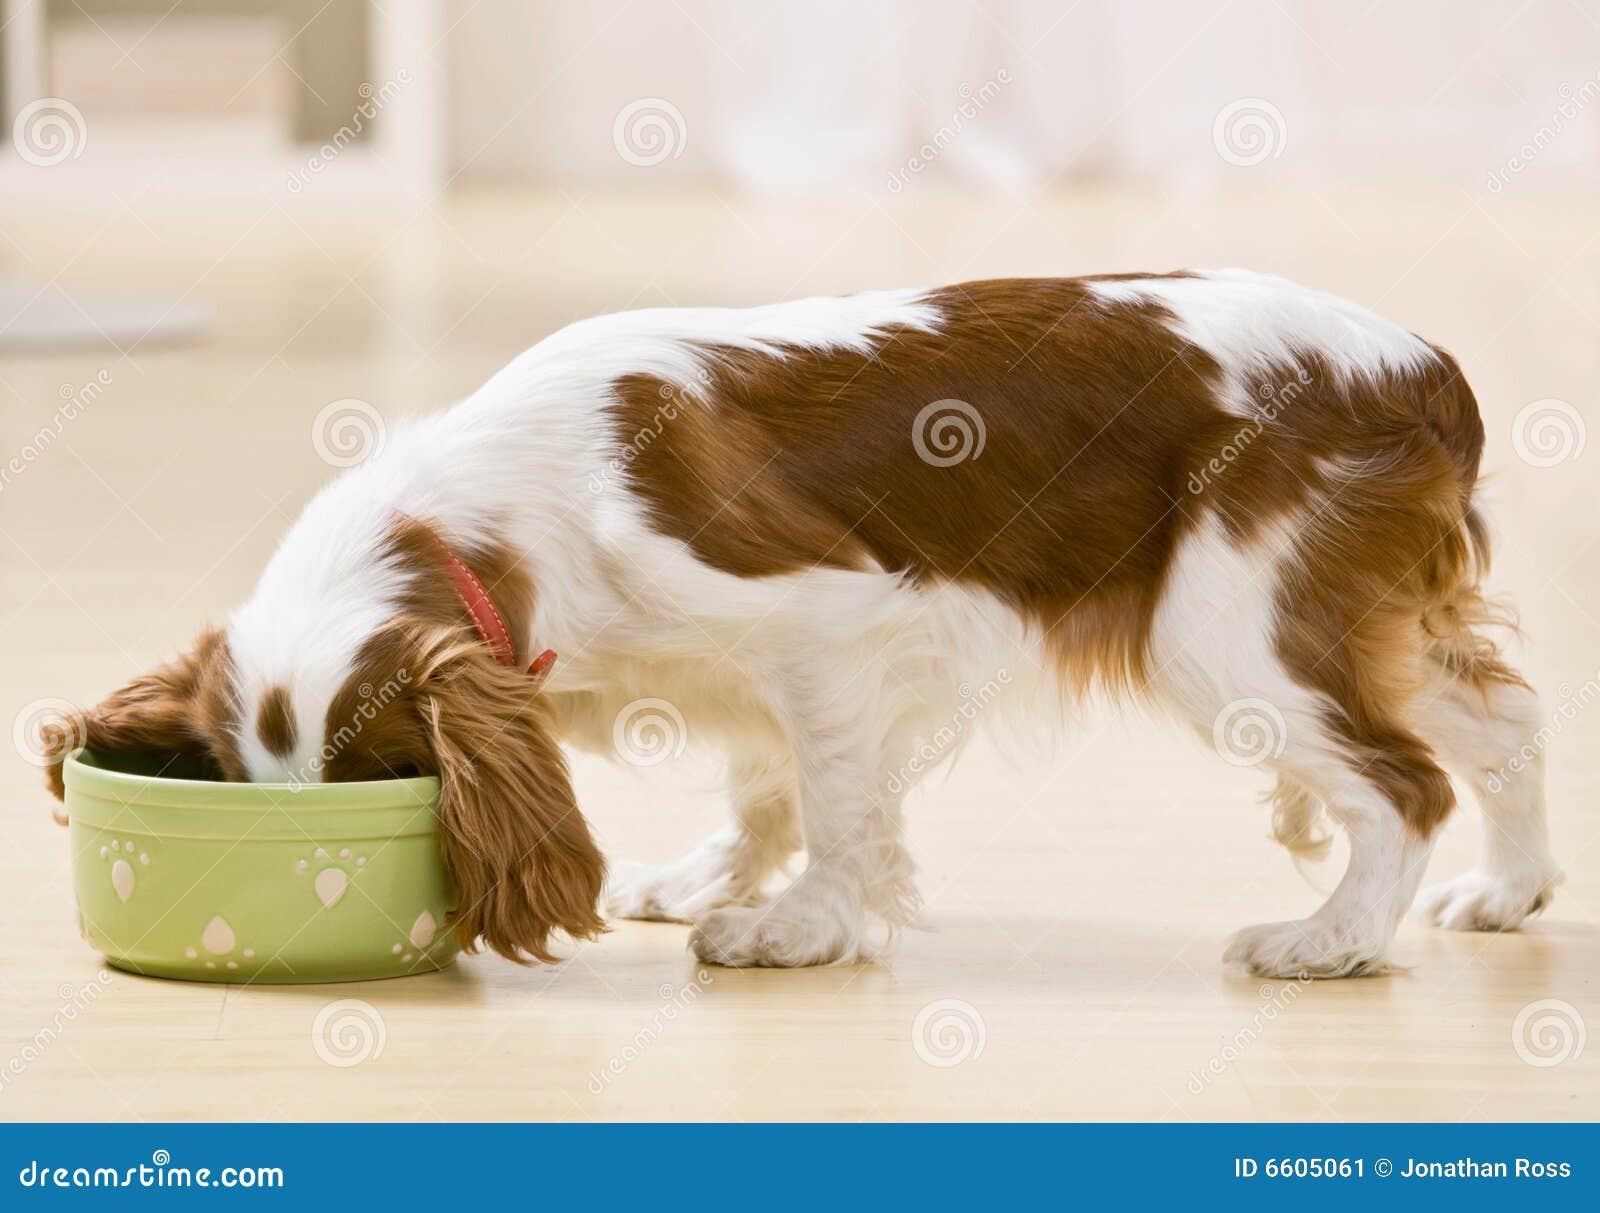 Cucciolo che mangia dal piatto del cane immagine stock immagine 6605061 - Cane che mangia a tavola ...